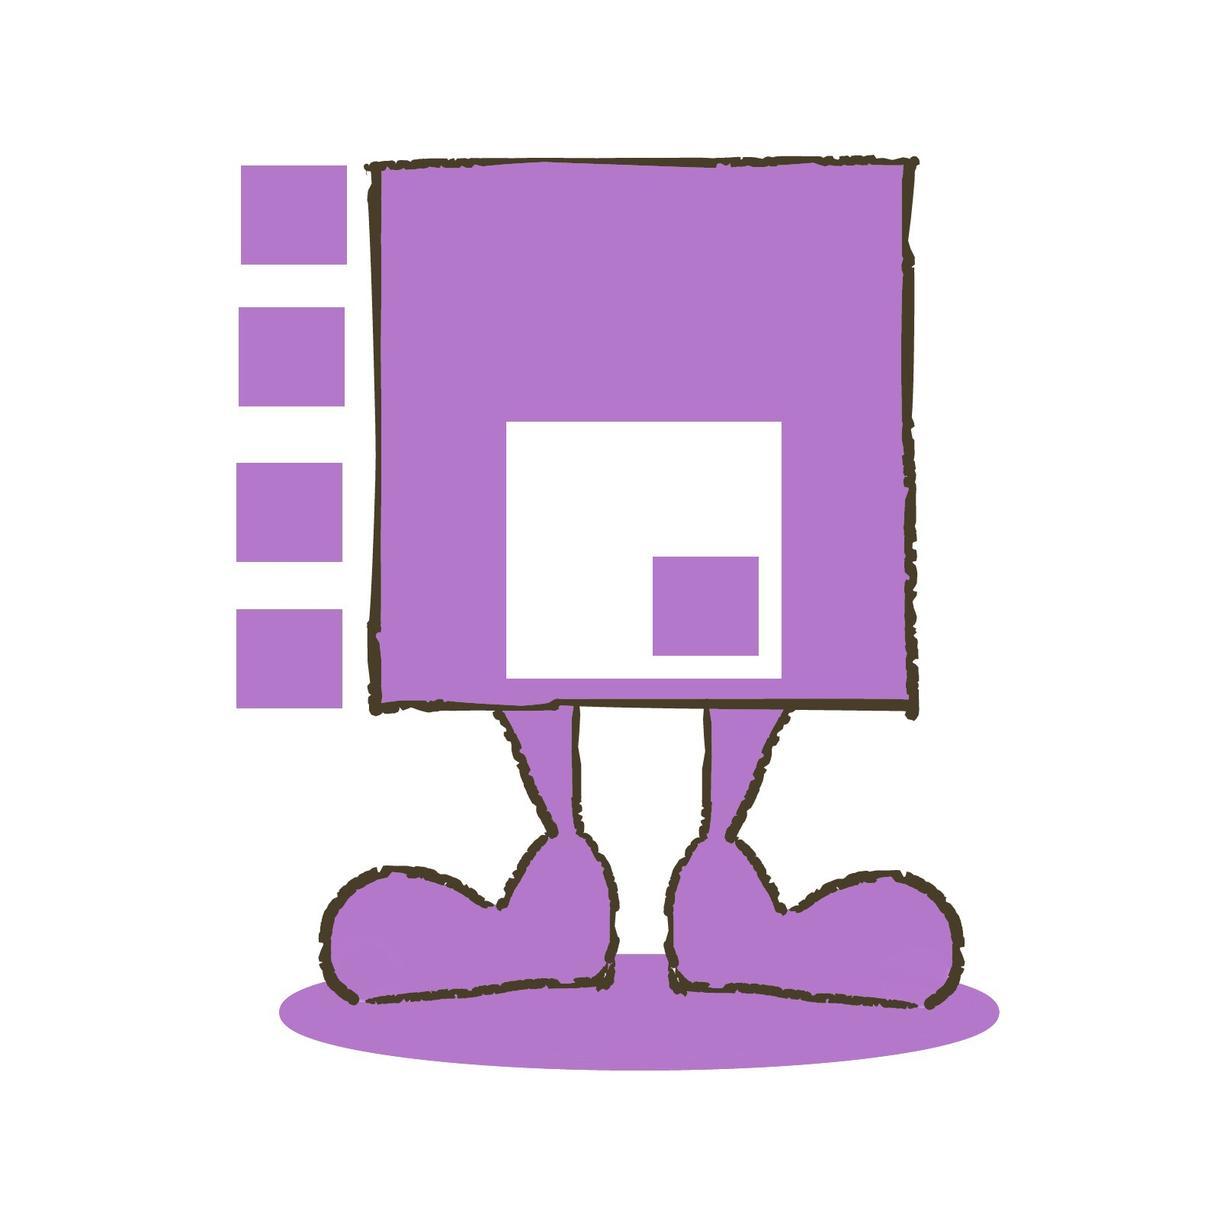 SNS用!イラスト描きます シンプルかつストレートなデザインで貴方の好みに仕上げます!